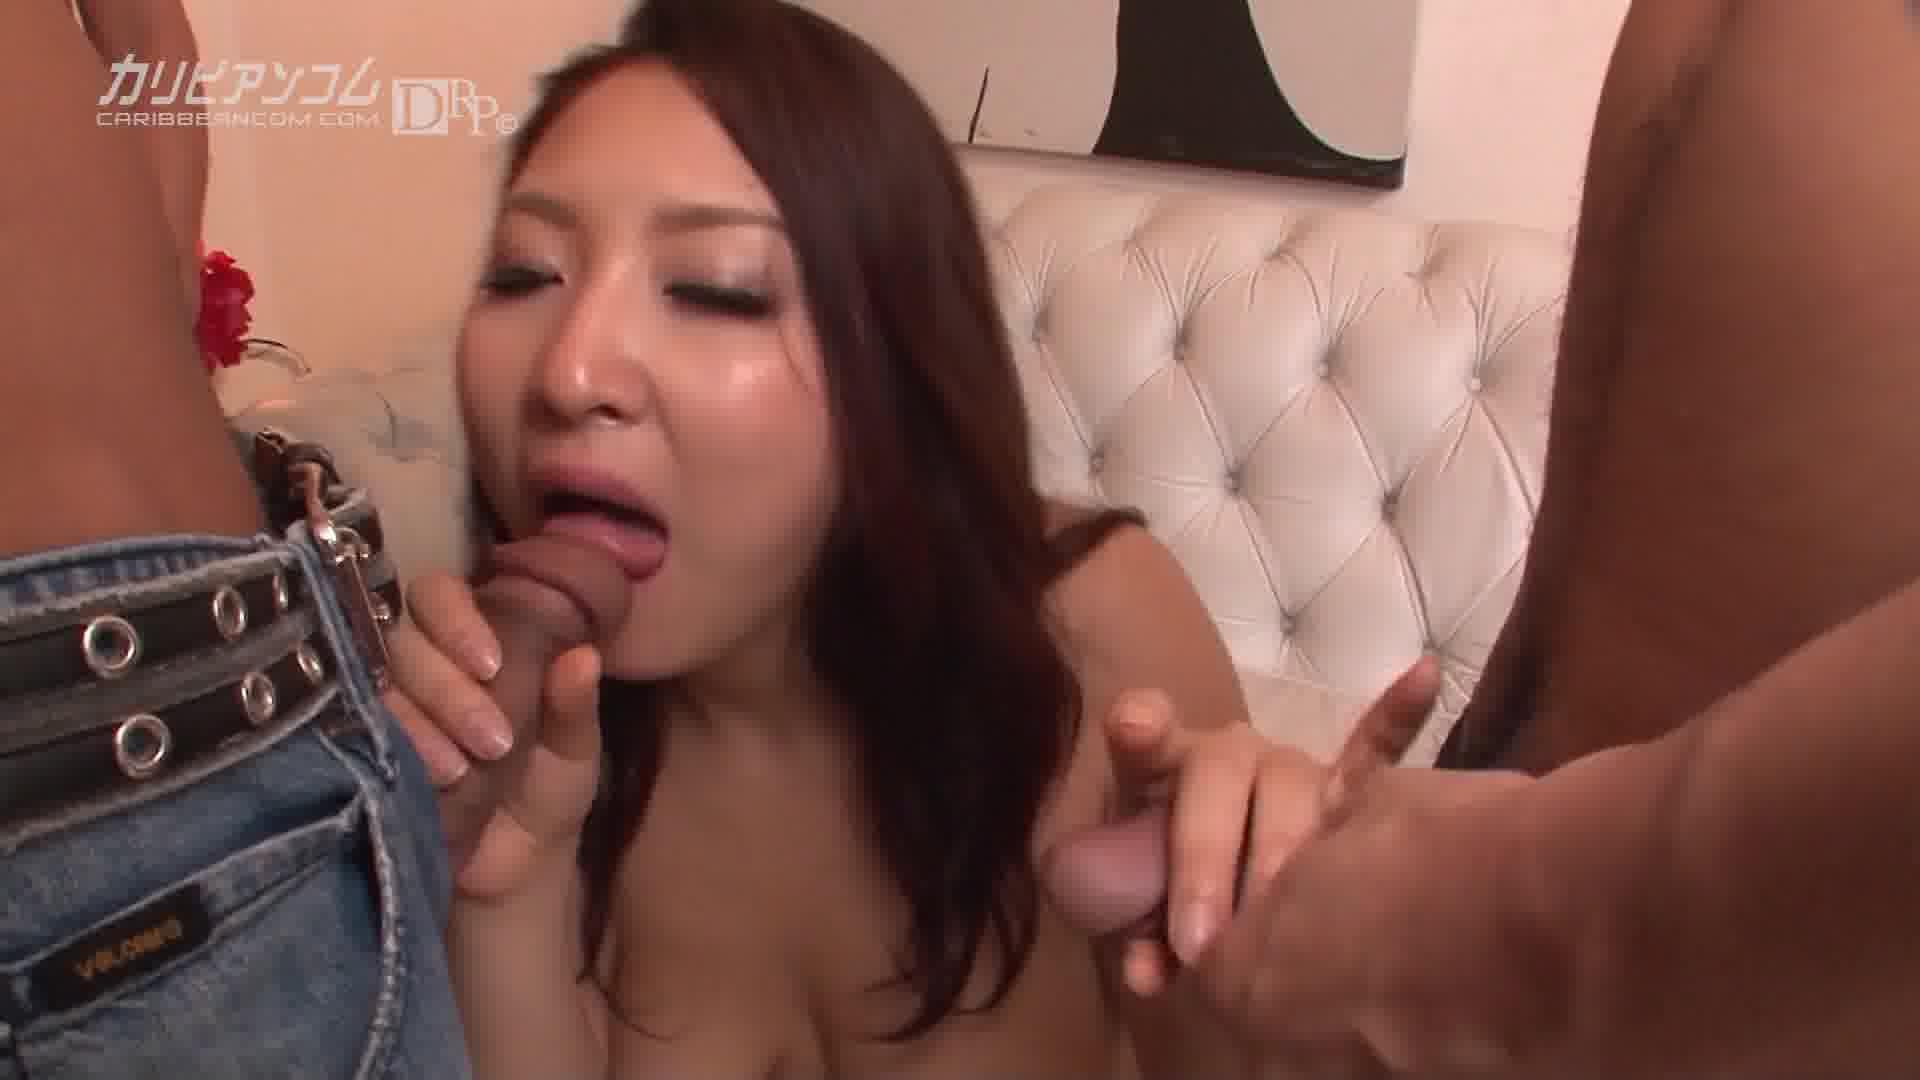 ダイナマイト痴女を拘束輪姦 - 本真ゆり【痴女・乱交・ぶっかけ】